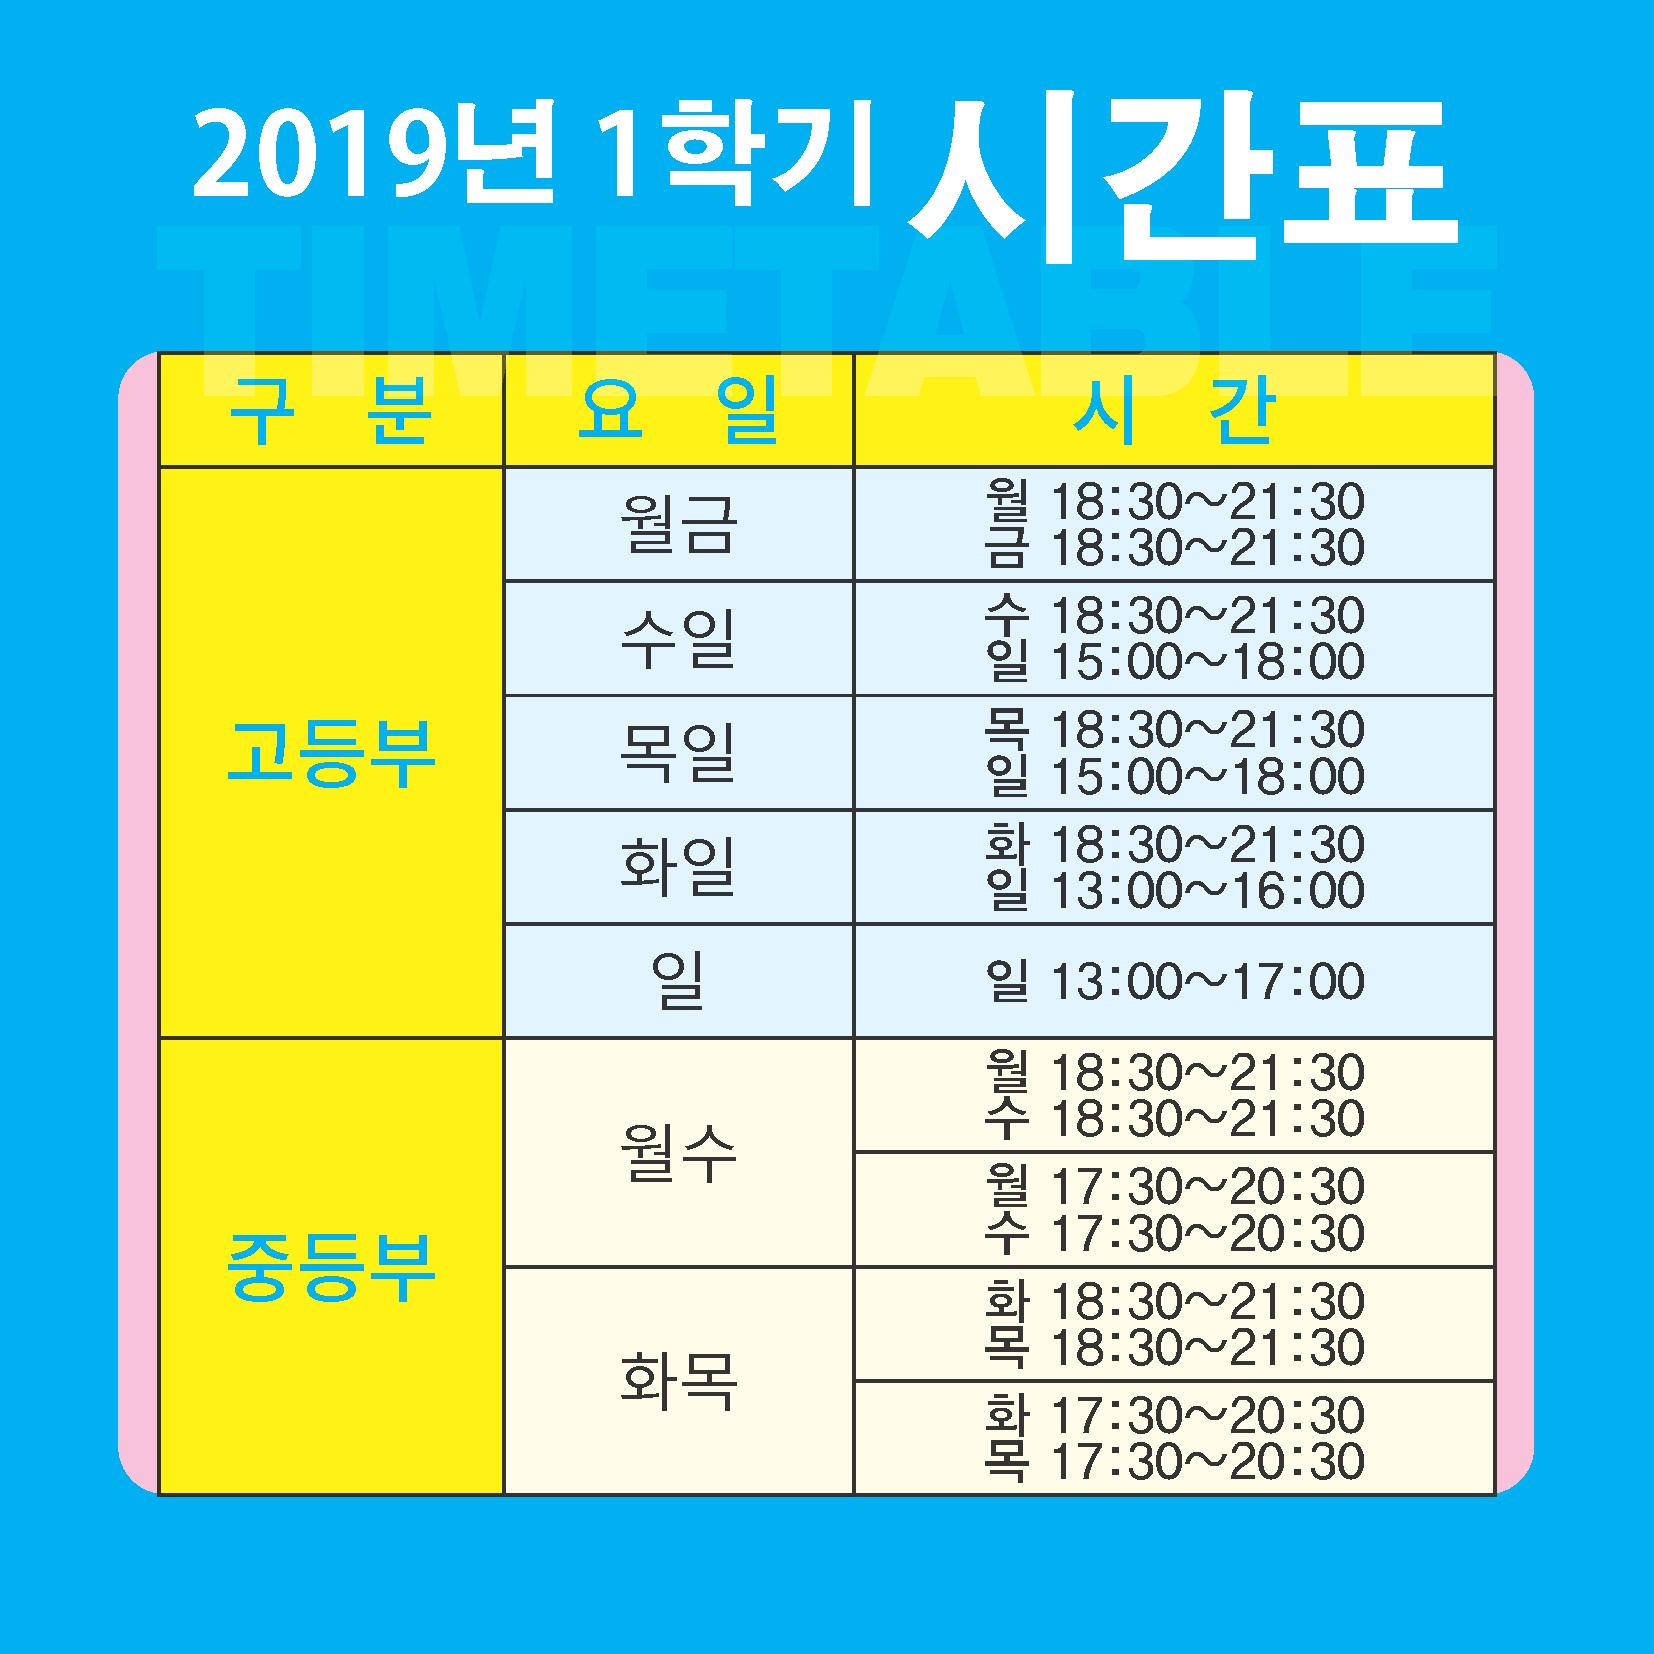 상담시간표 2019년 3월 1일.png